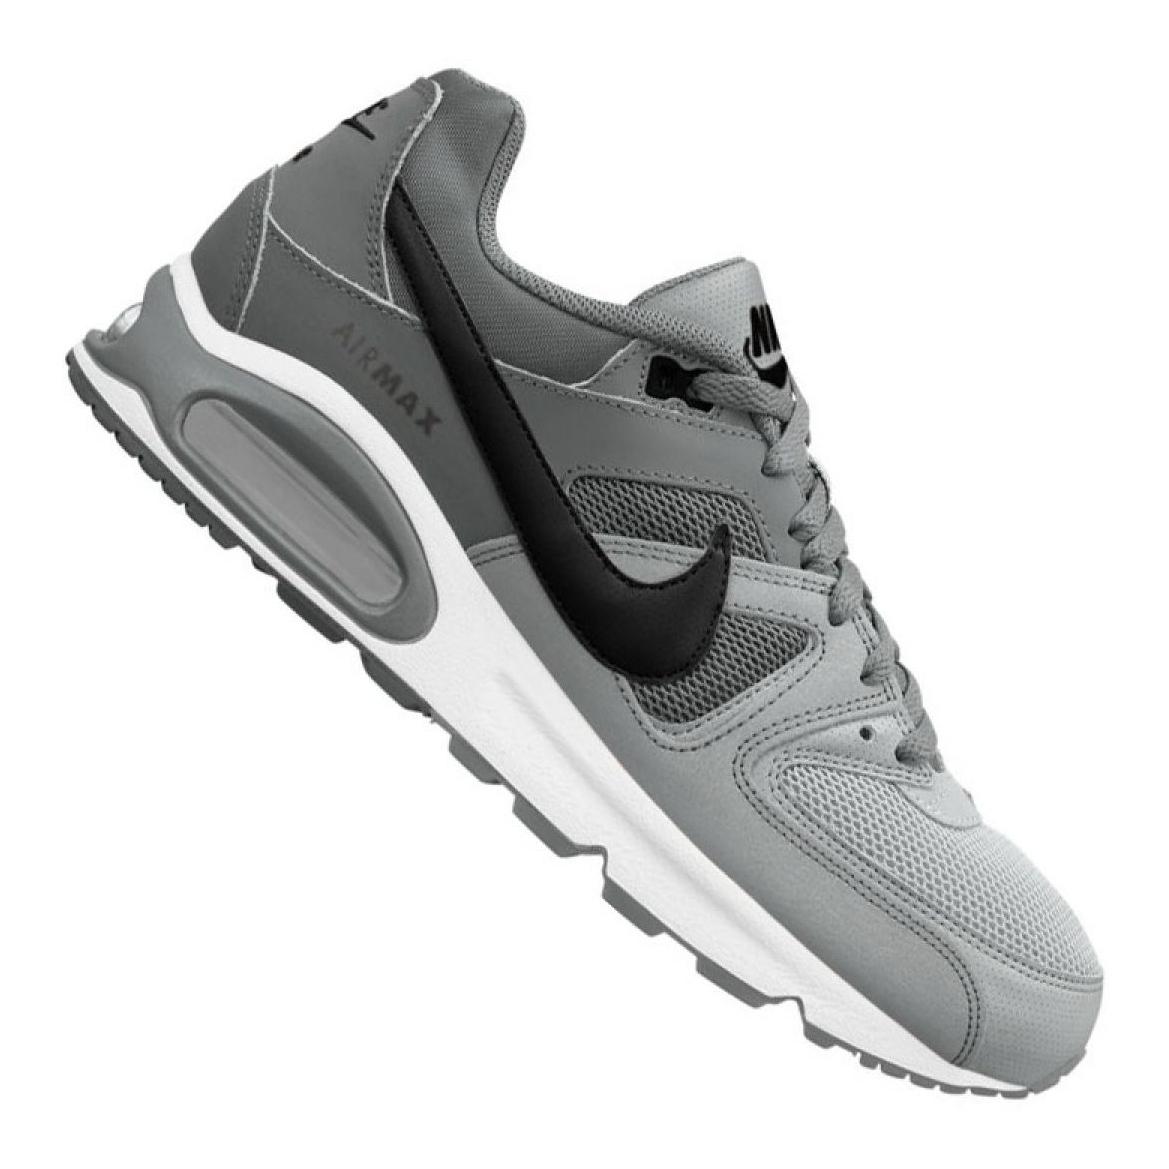 Details zu Nike Air Max Command M 629993 012 Schuhe grau